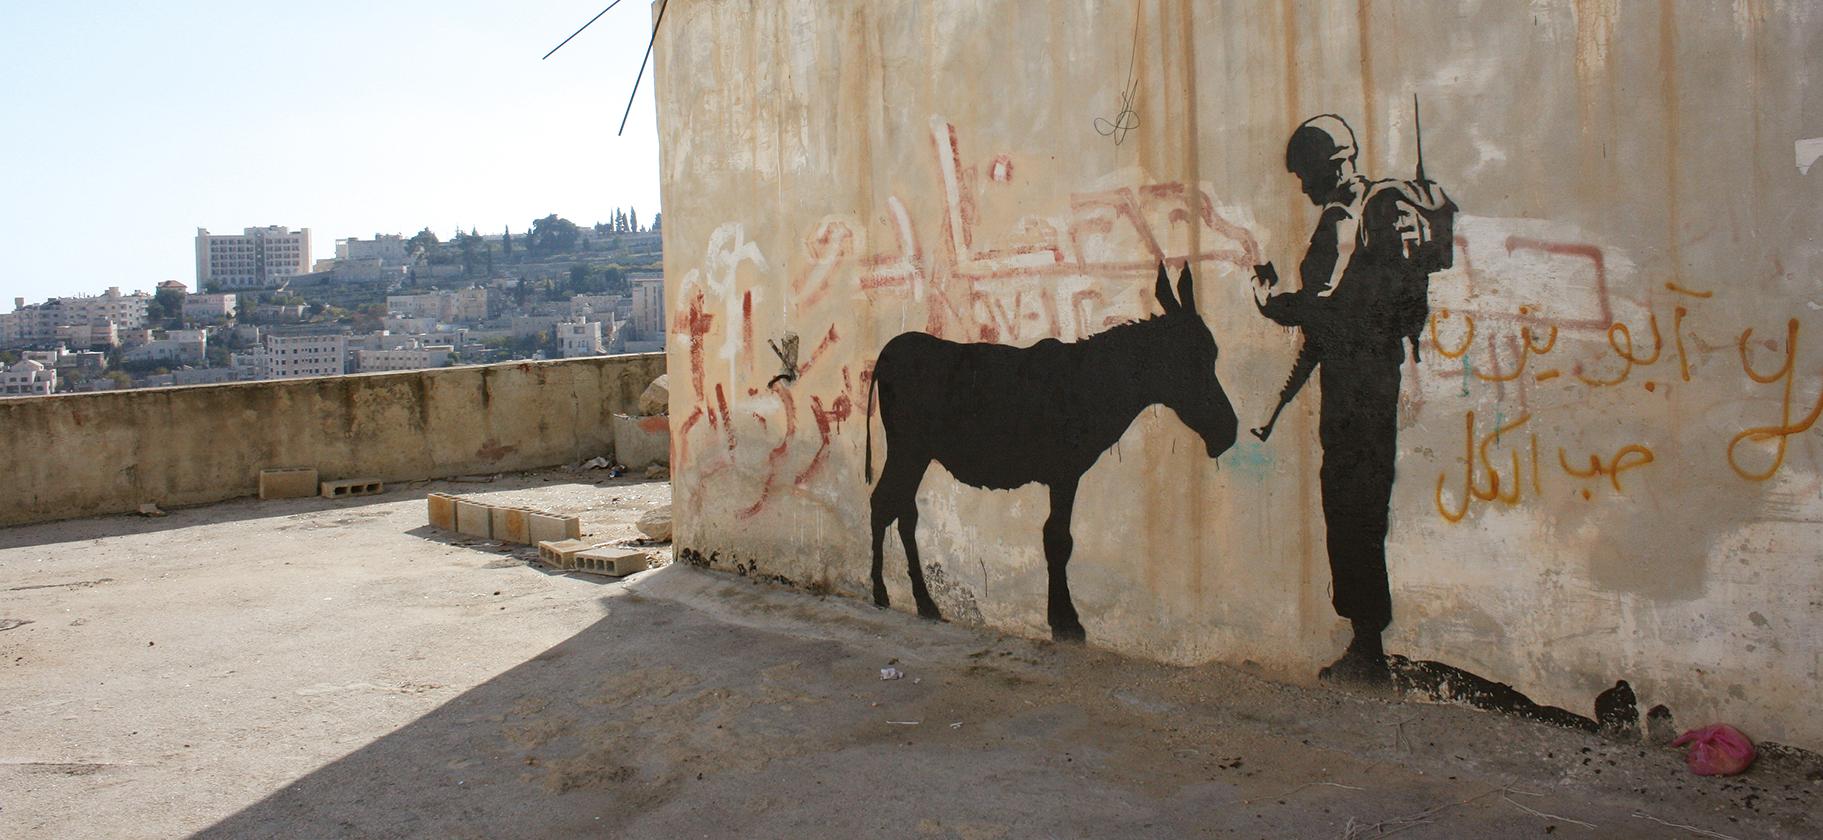 1. Beth Donkey – Gary Shove